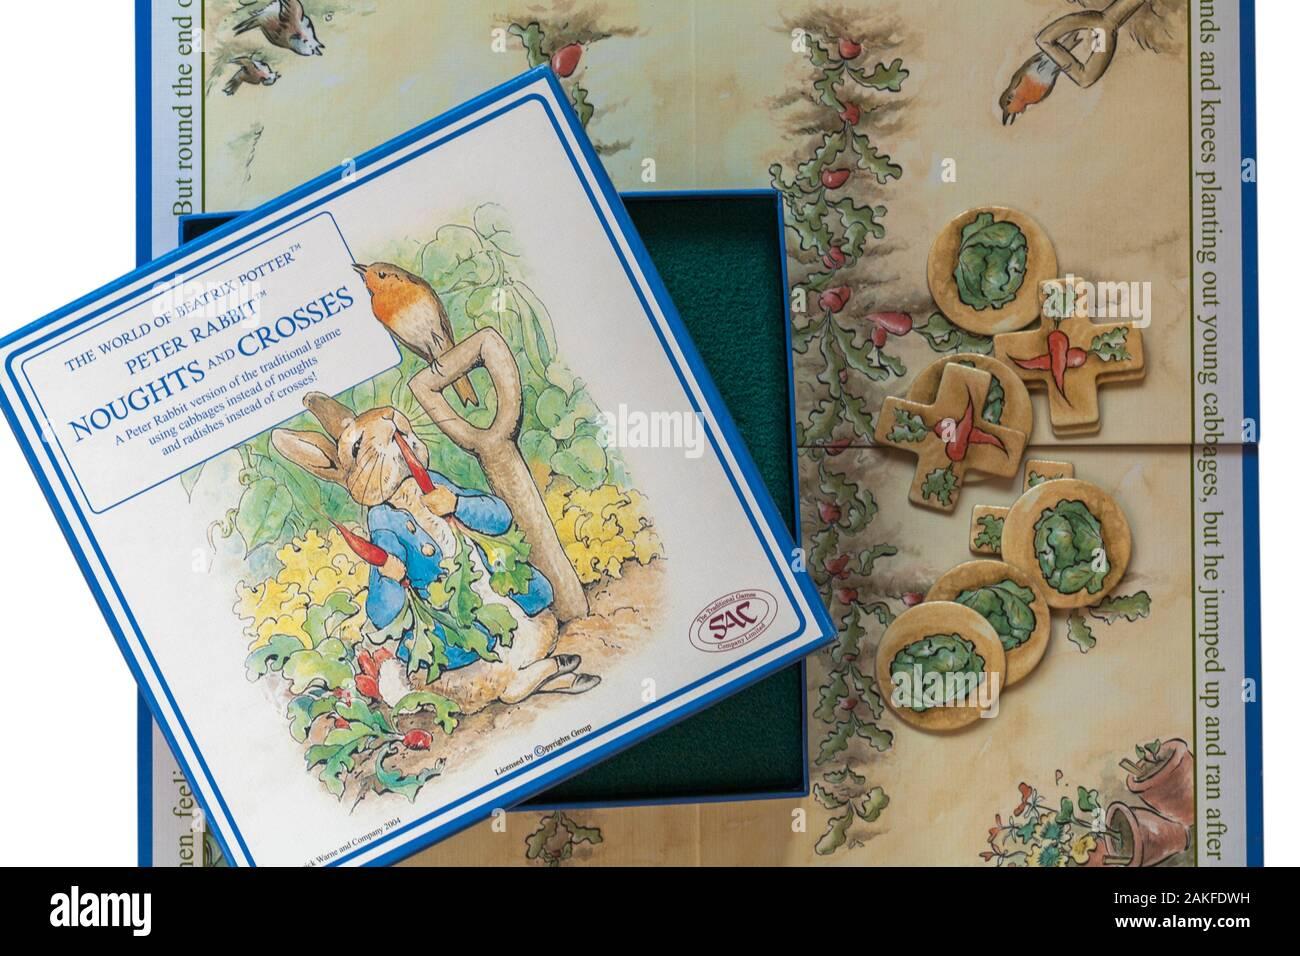 Personnalisé Bébé Couverture Beatrix Potter Flopsy ou Jemima Puddleduck Rose//Crème